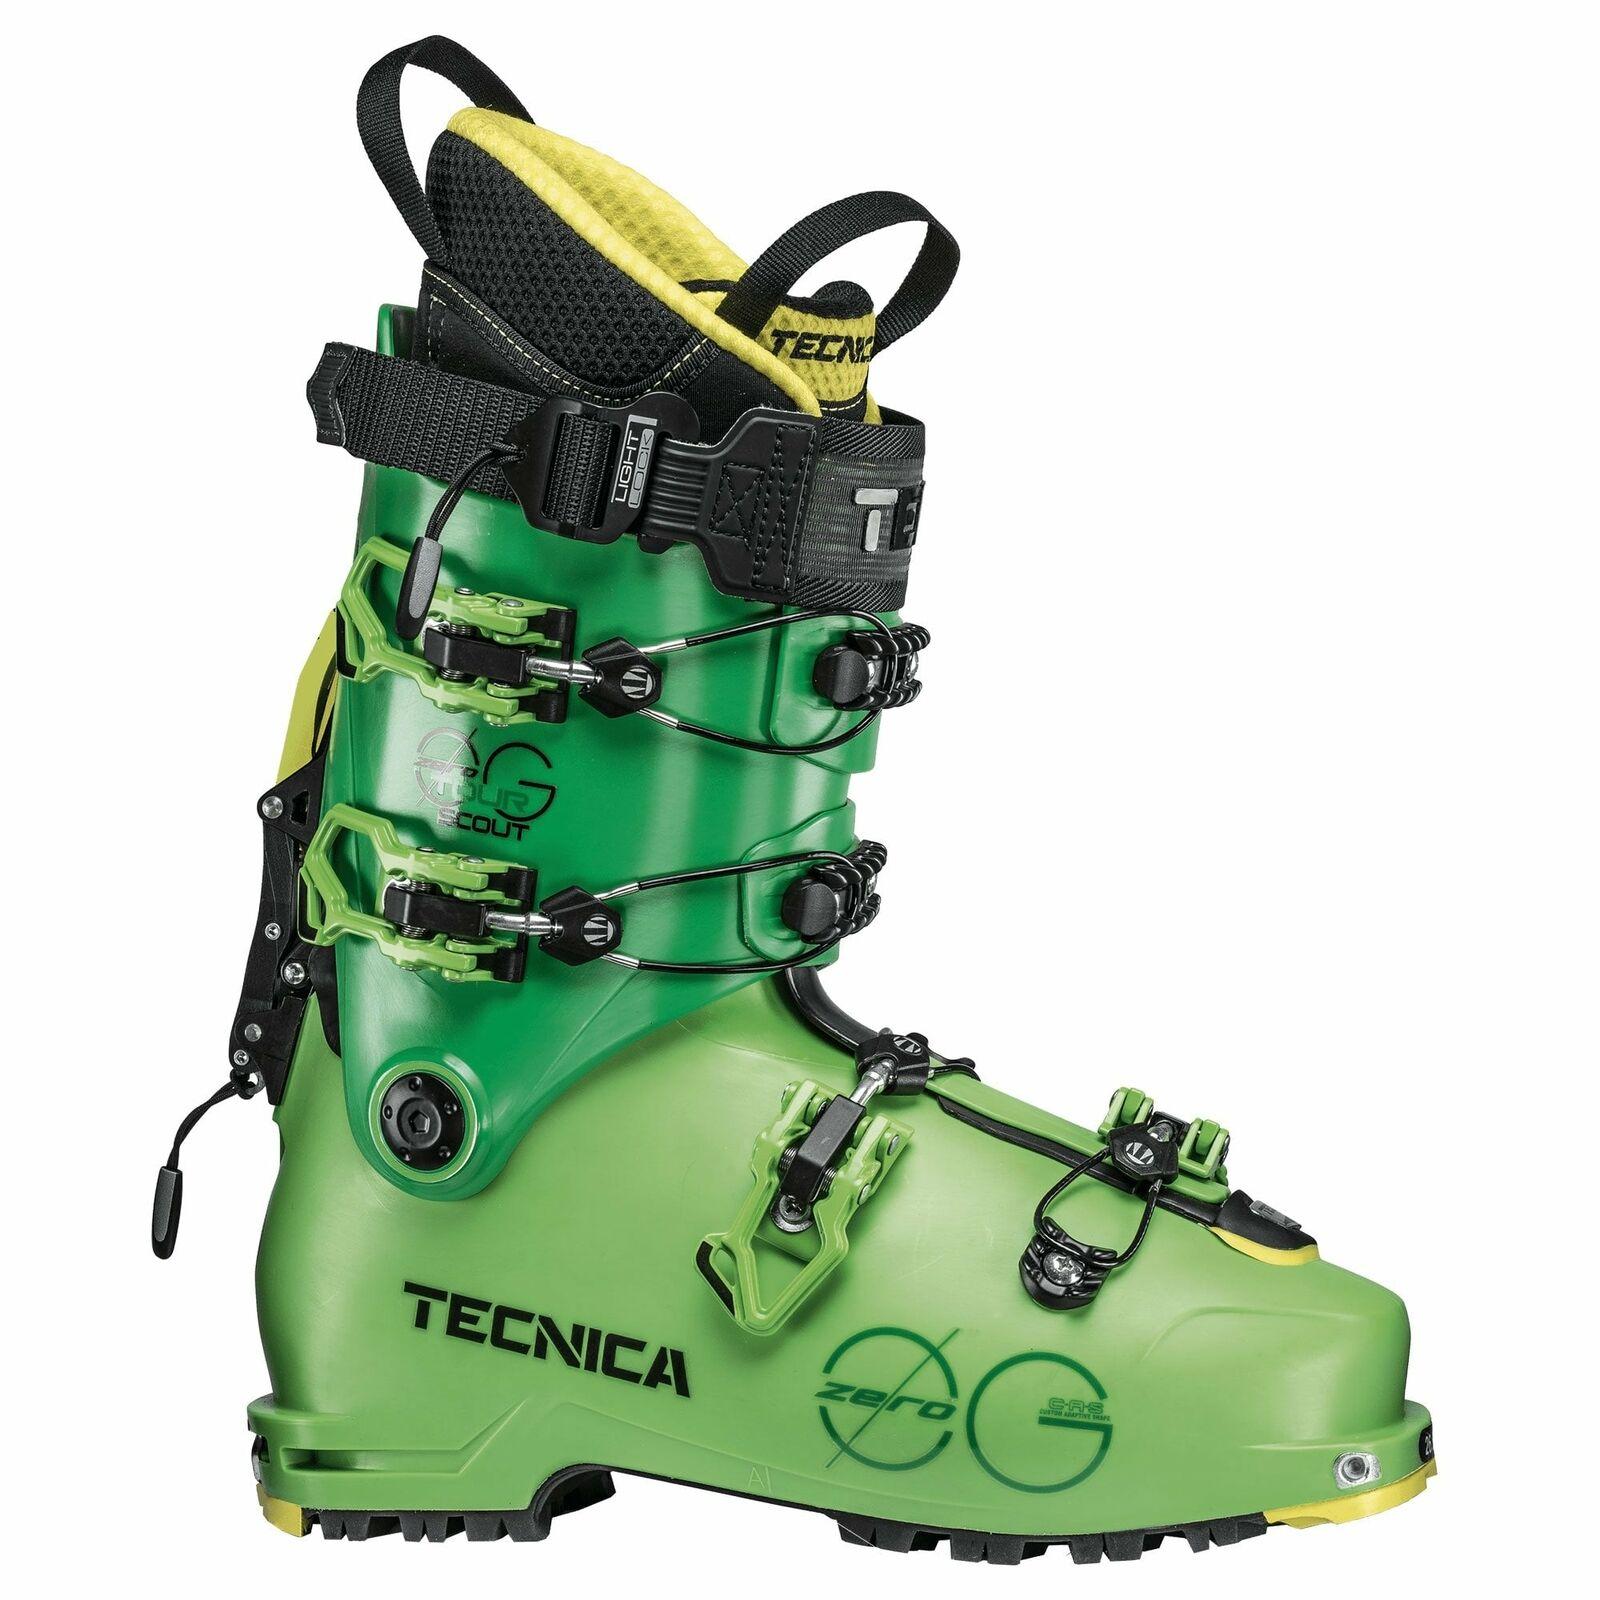 Tecnica Zero G Tour Scout Ski Touring Stiefel